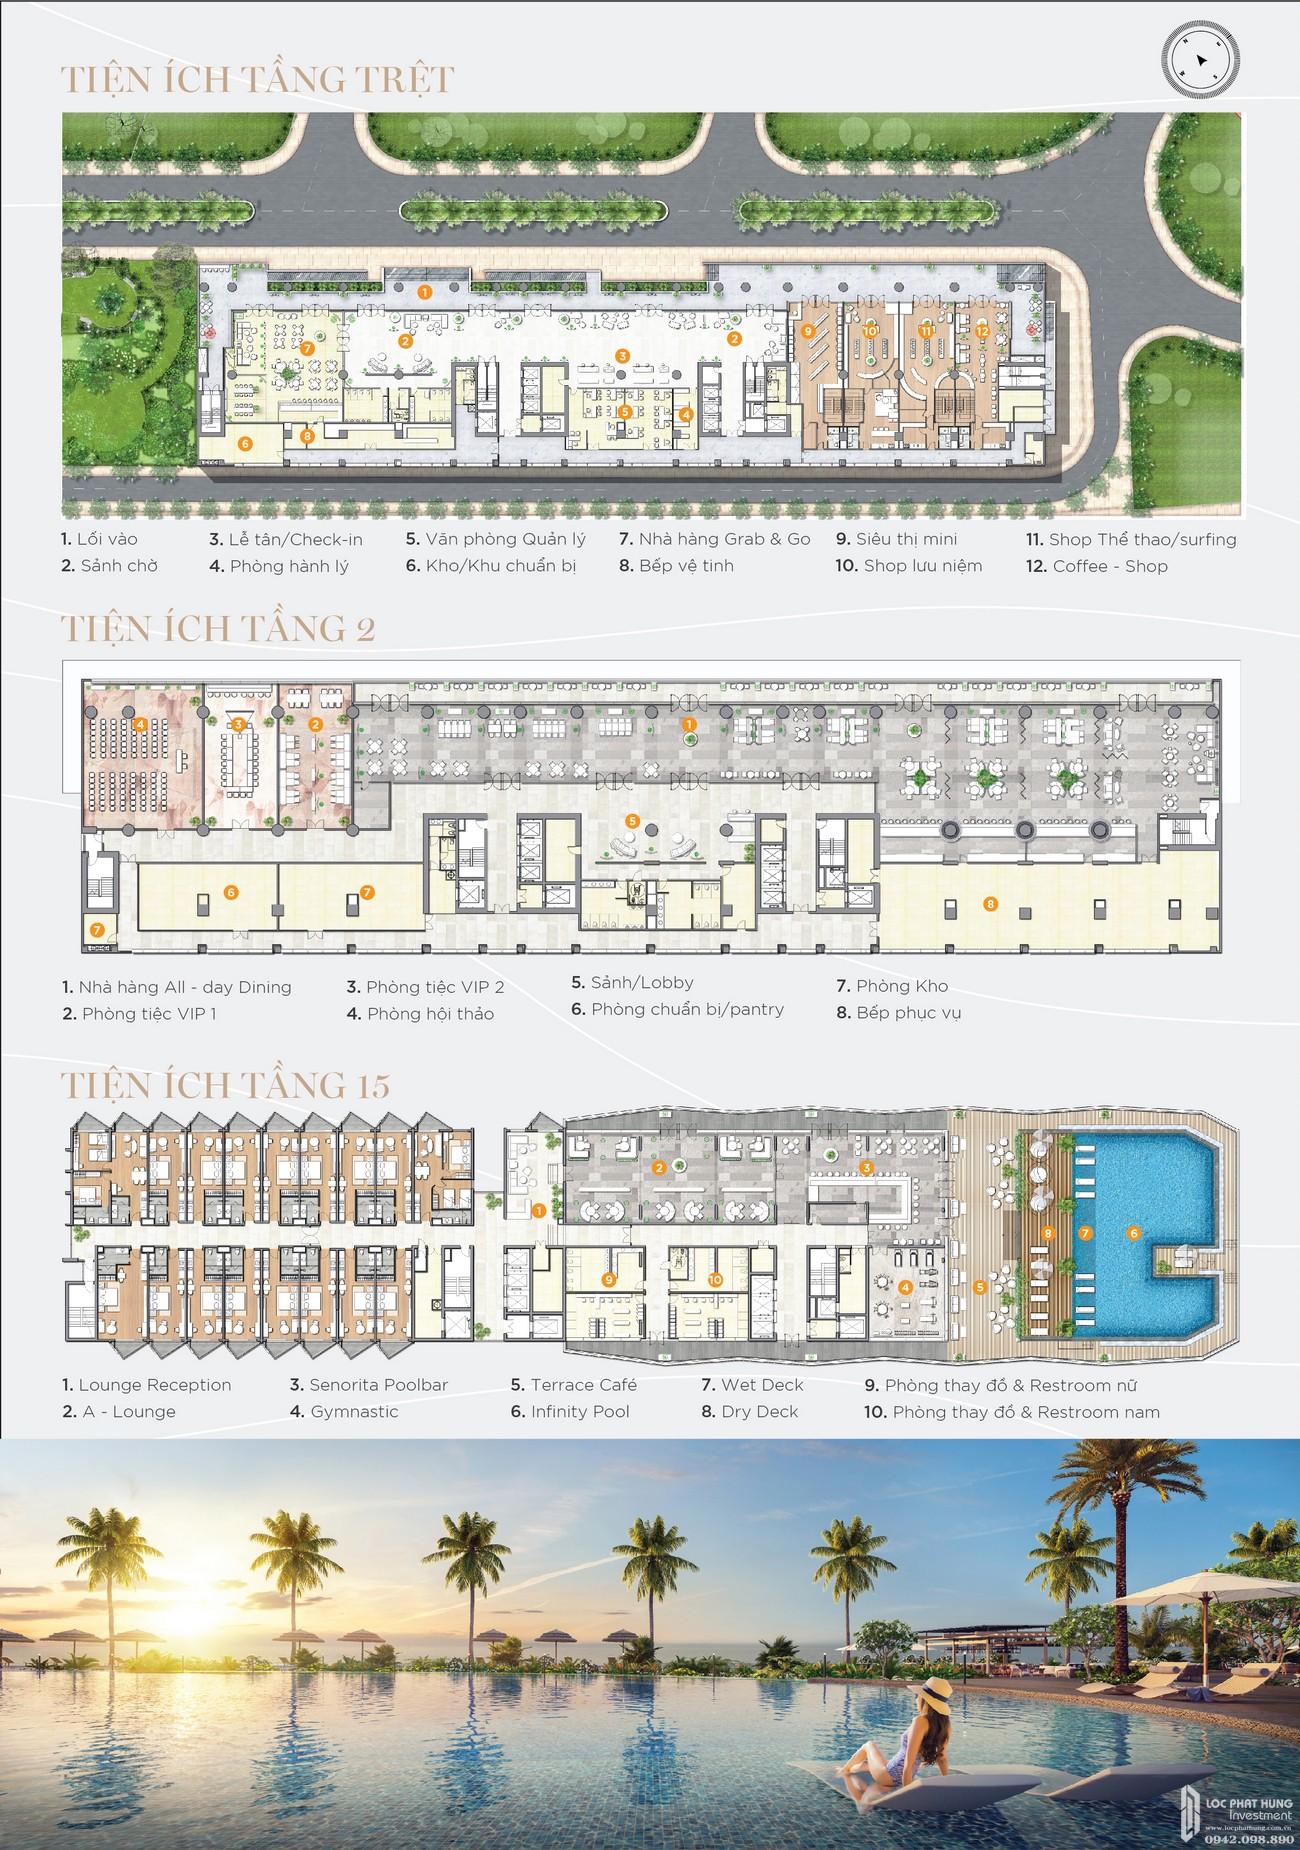 Mặt bằng dự án biệt thự biển condotel The Maris chủ đầu tư Trùng Dương Corp